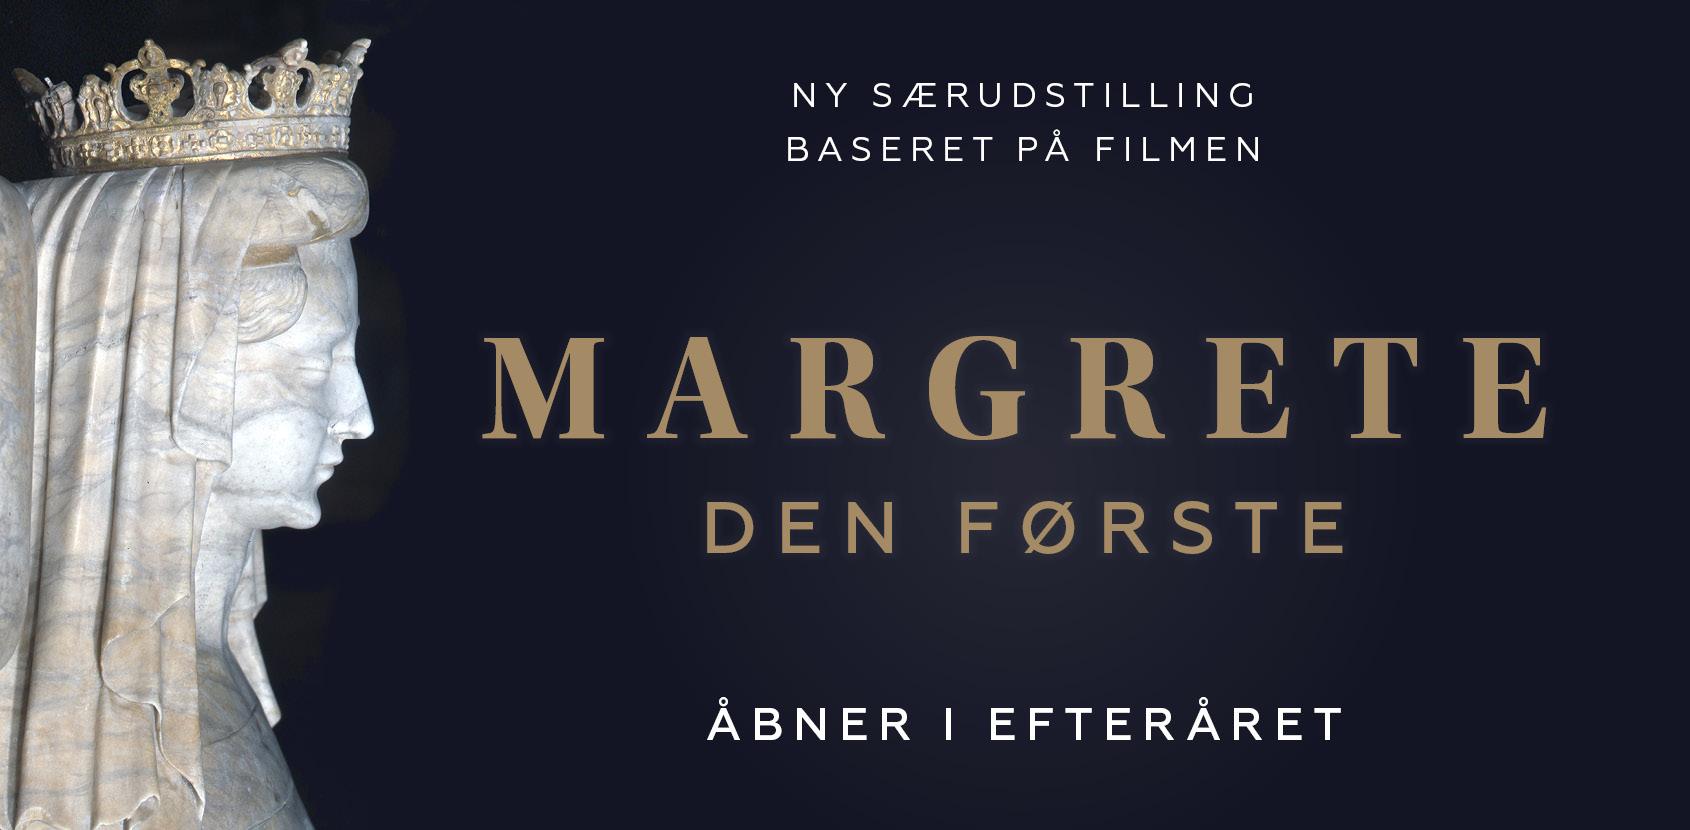 Margrete den første udstilling 1690x830